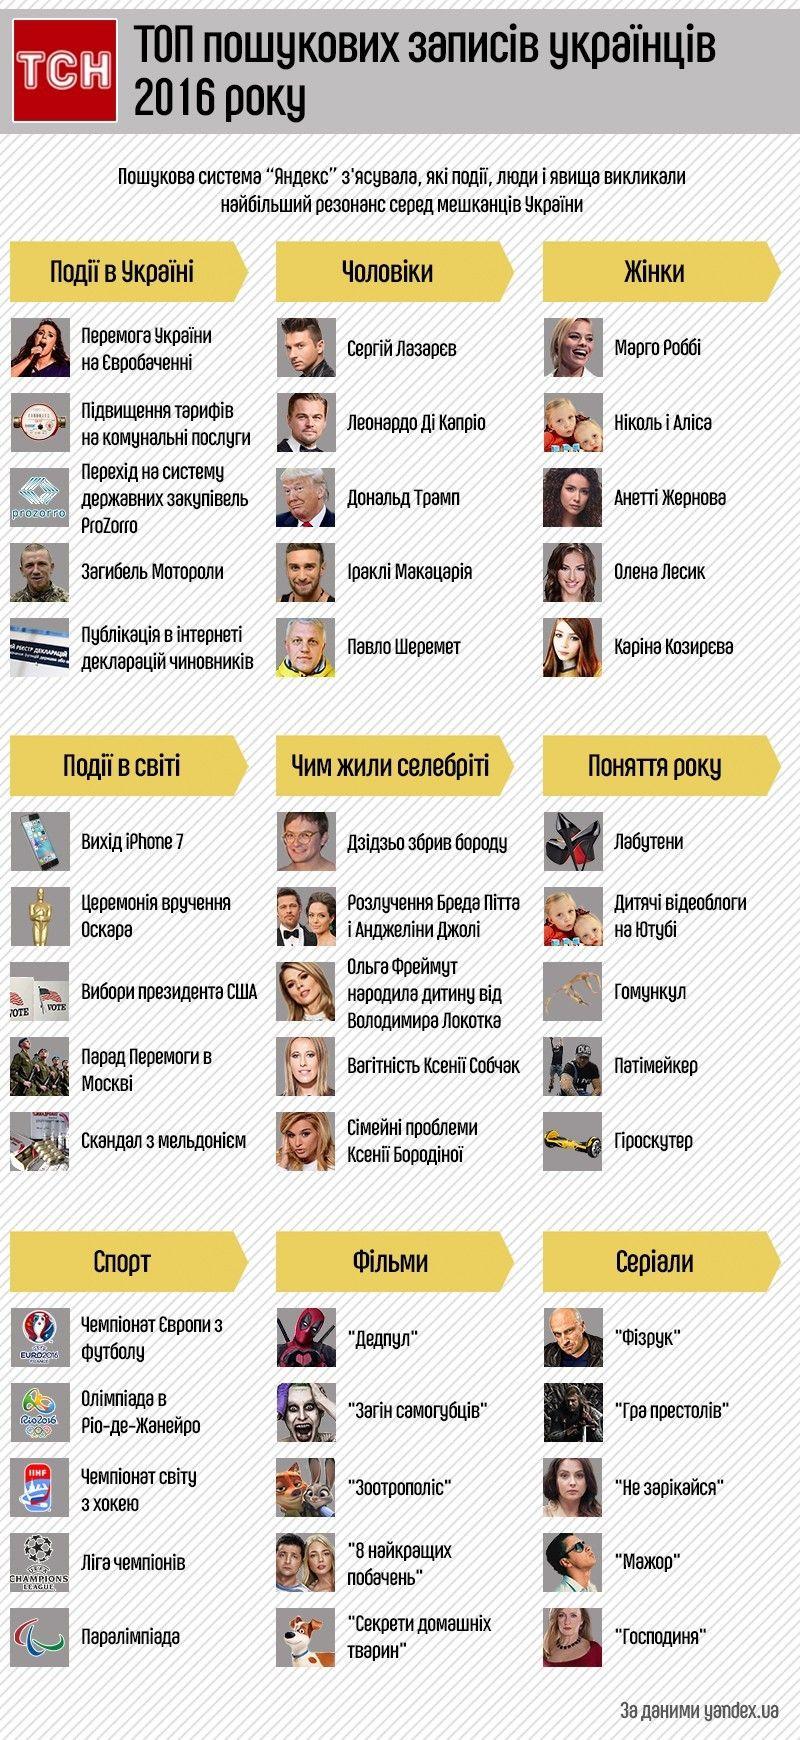 тор пошукових запитів українців у Яндекс 2016, інфографіка